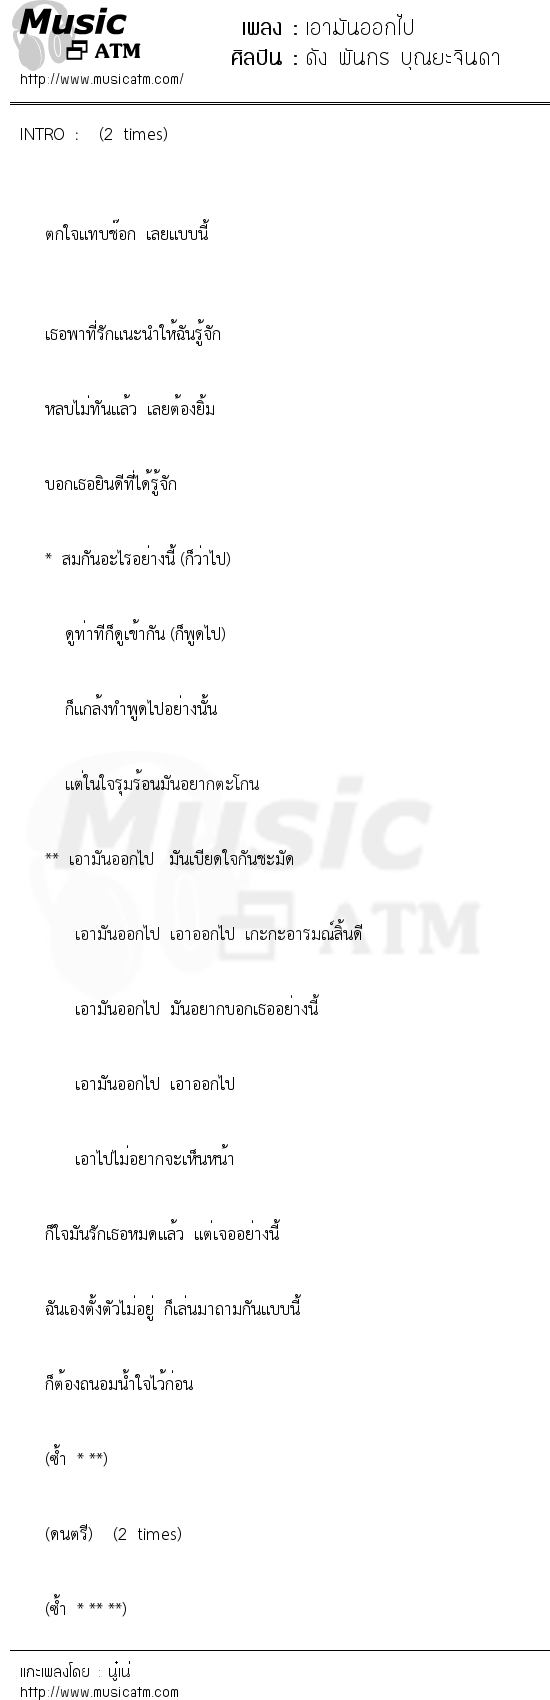 เอามันออกไป | เพลงไทย